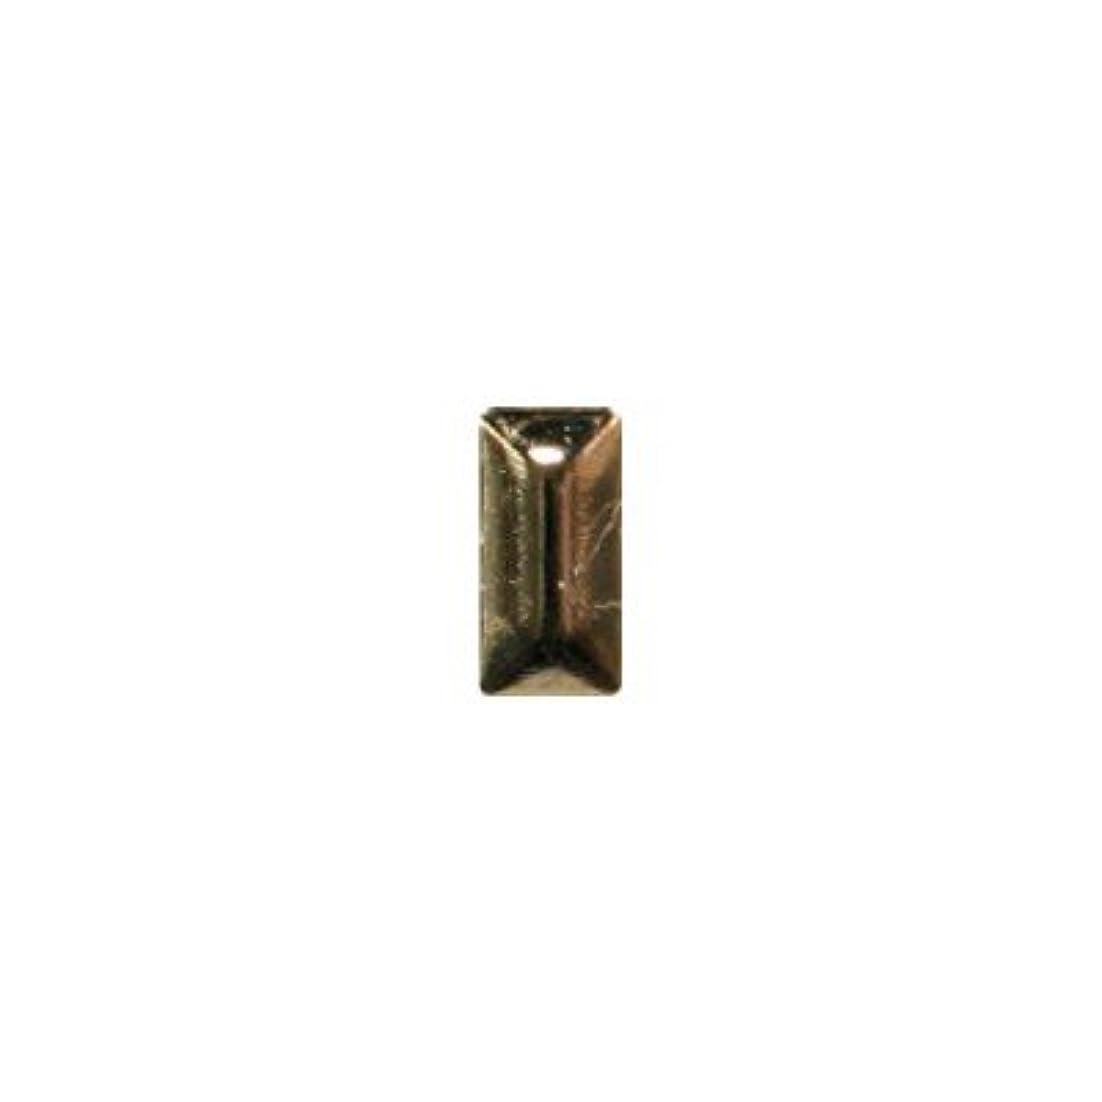 乱れ増強する正義ピアドラ スタッズ メタル長方形 2×4mm 50P ゴールド